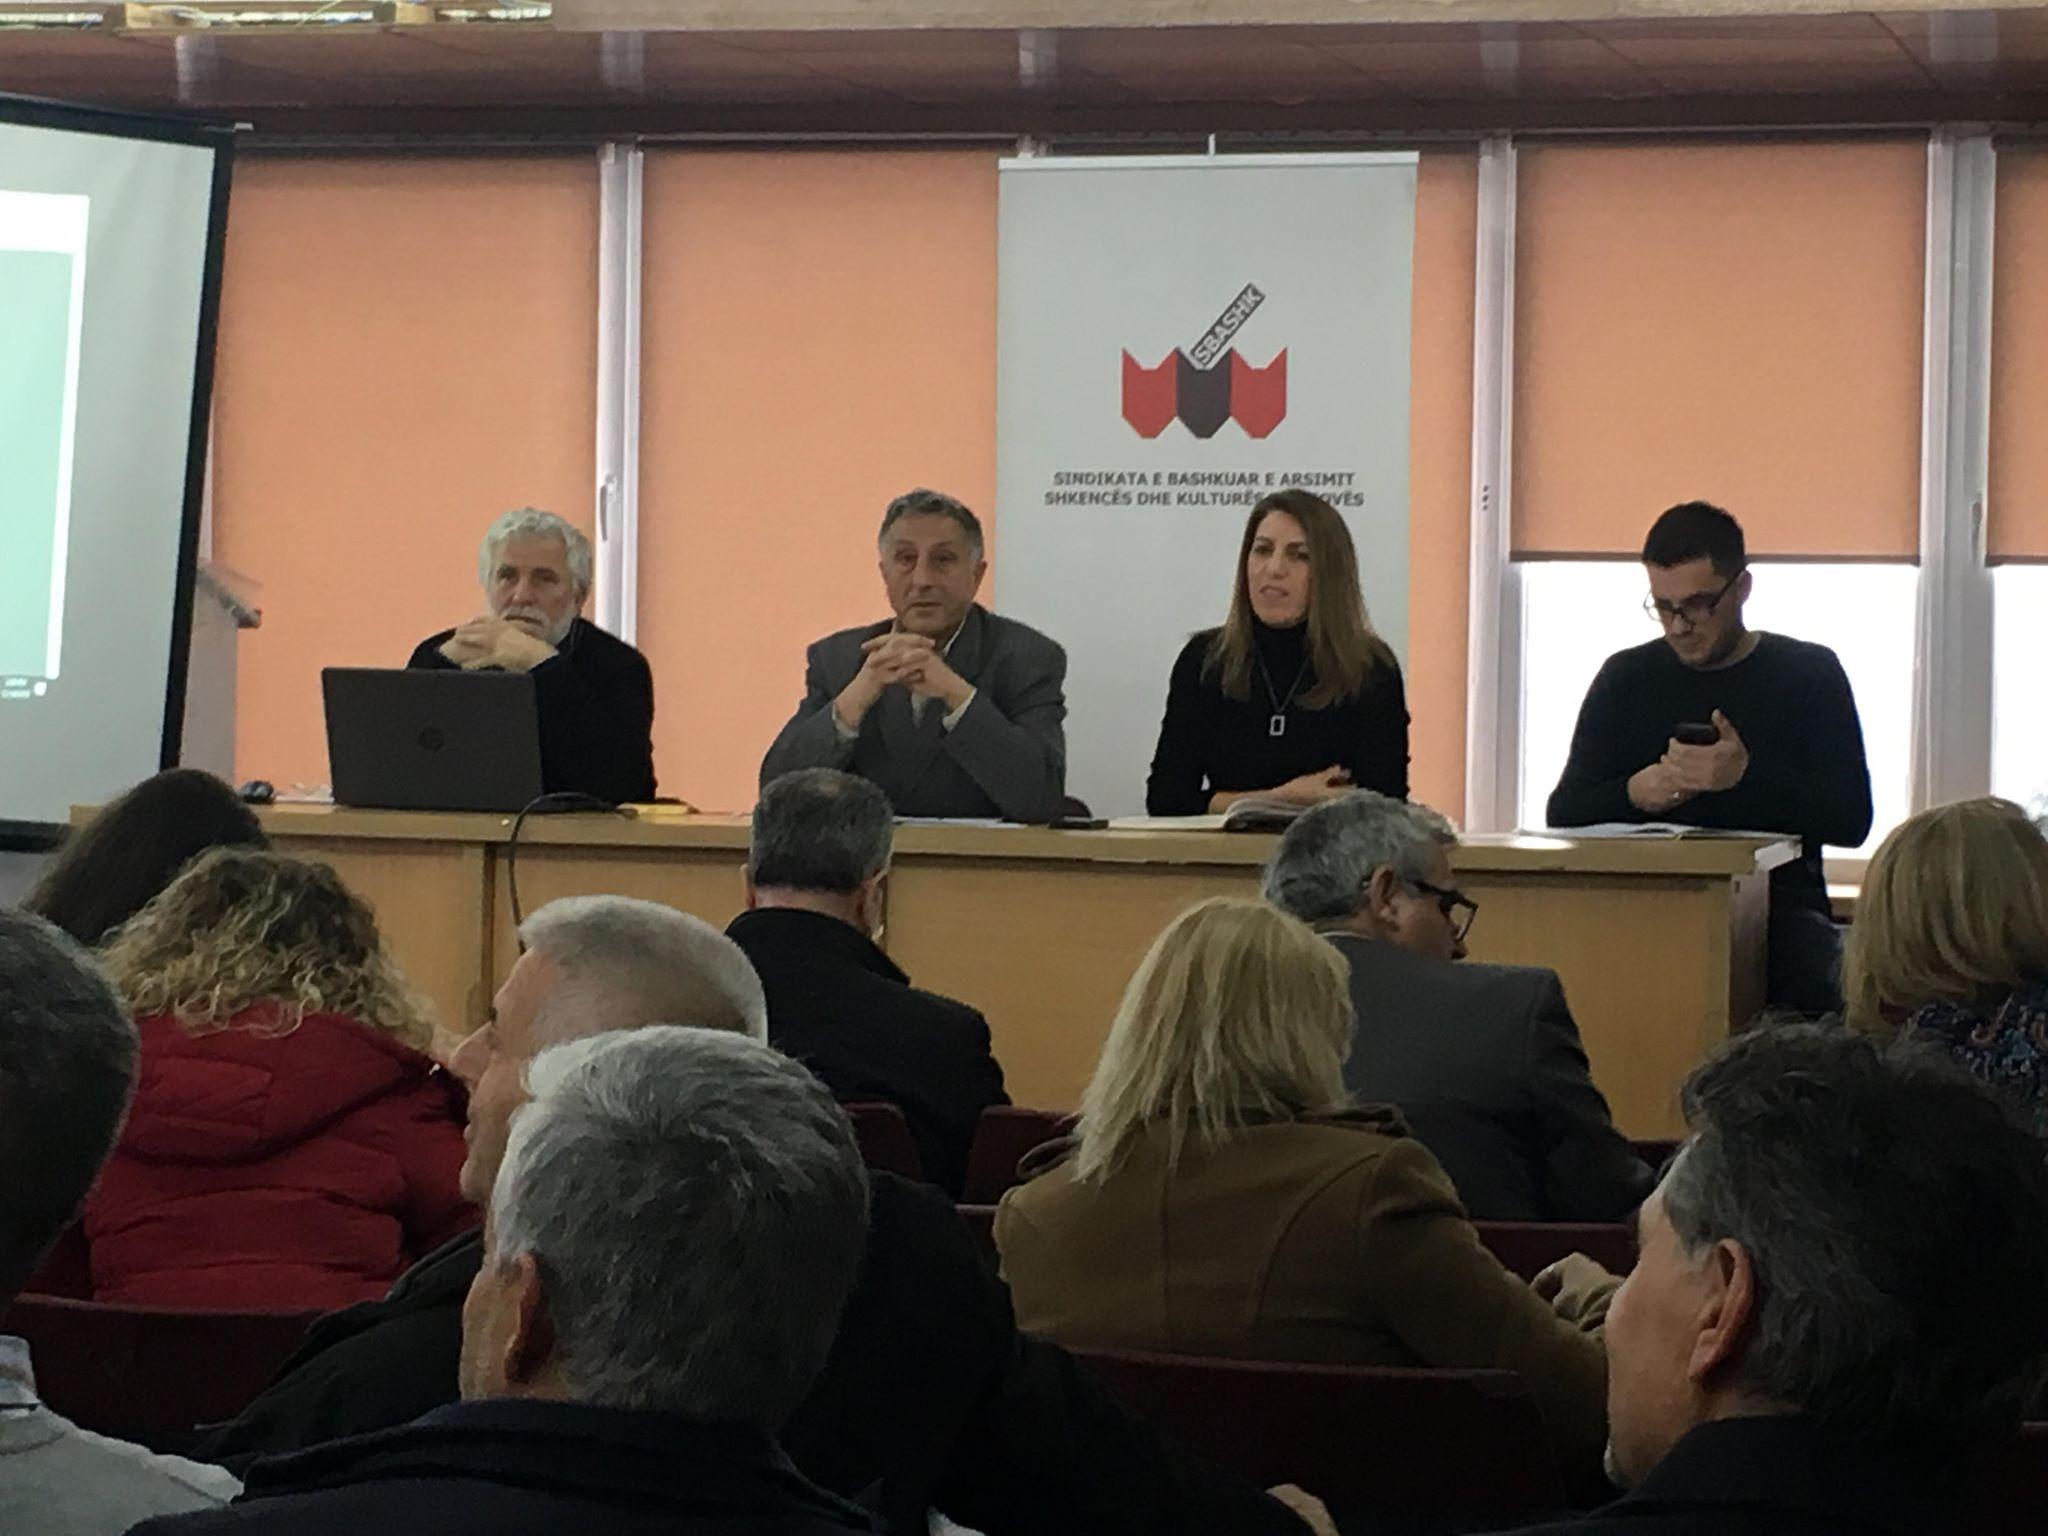 Nis takimi i Këshillit të SBASHK-ut, pritet të merret vendimi për grevën